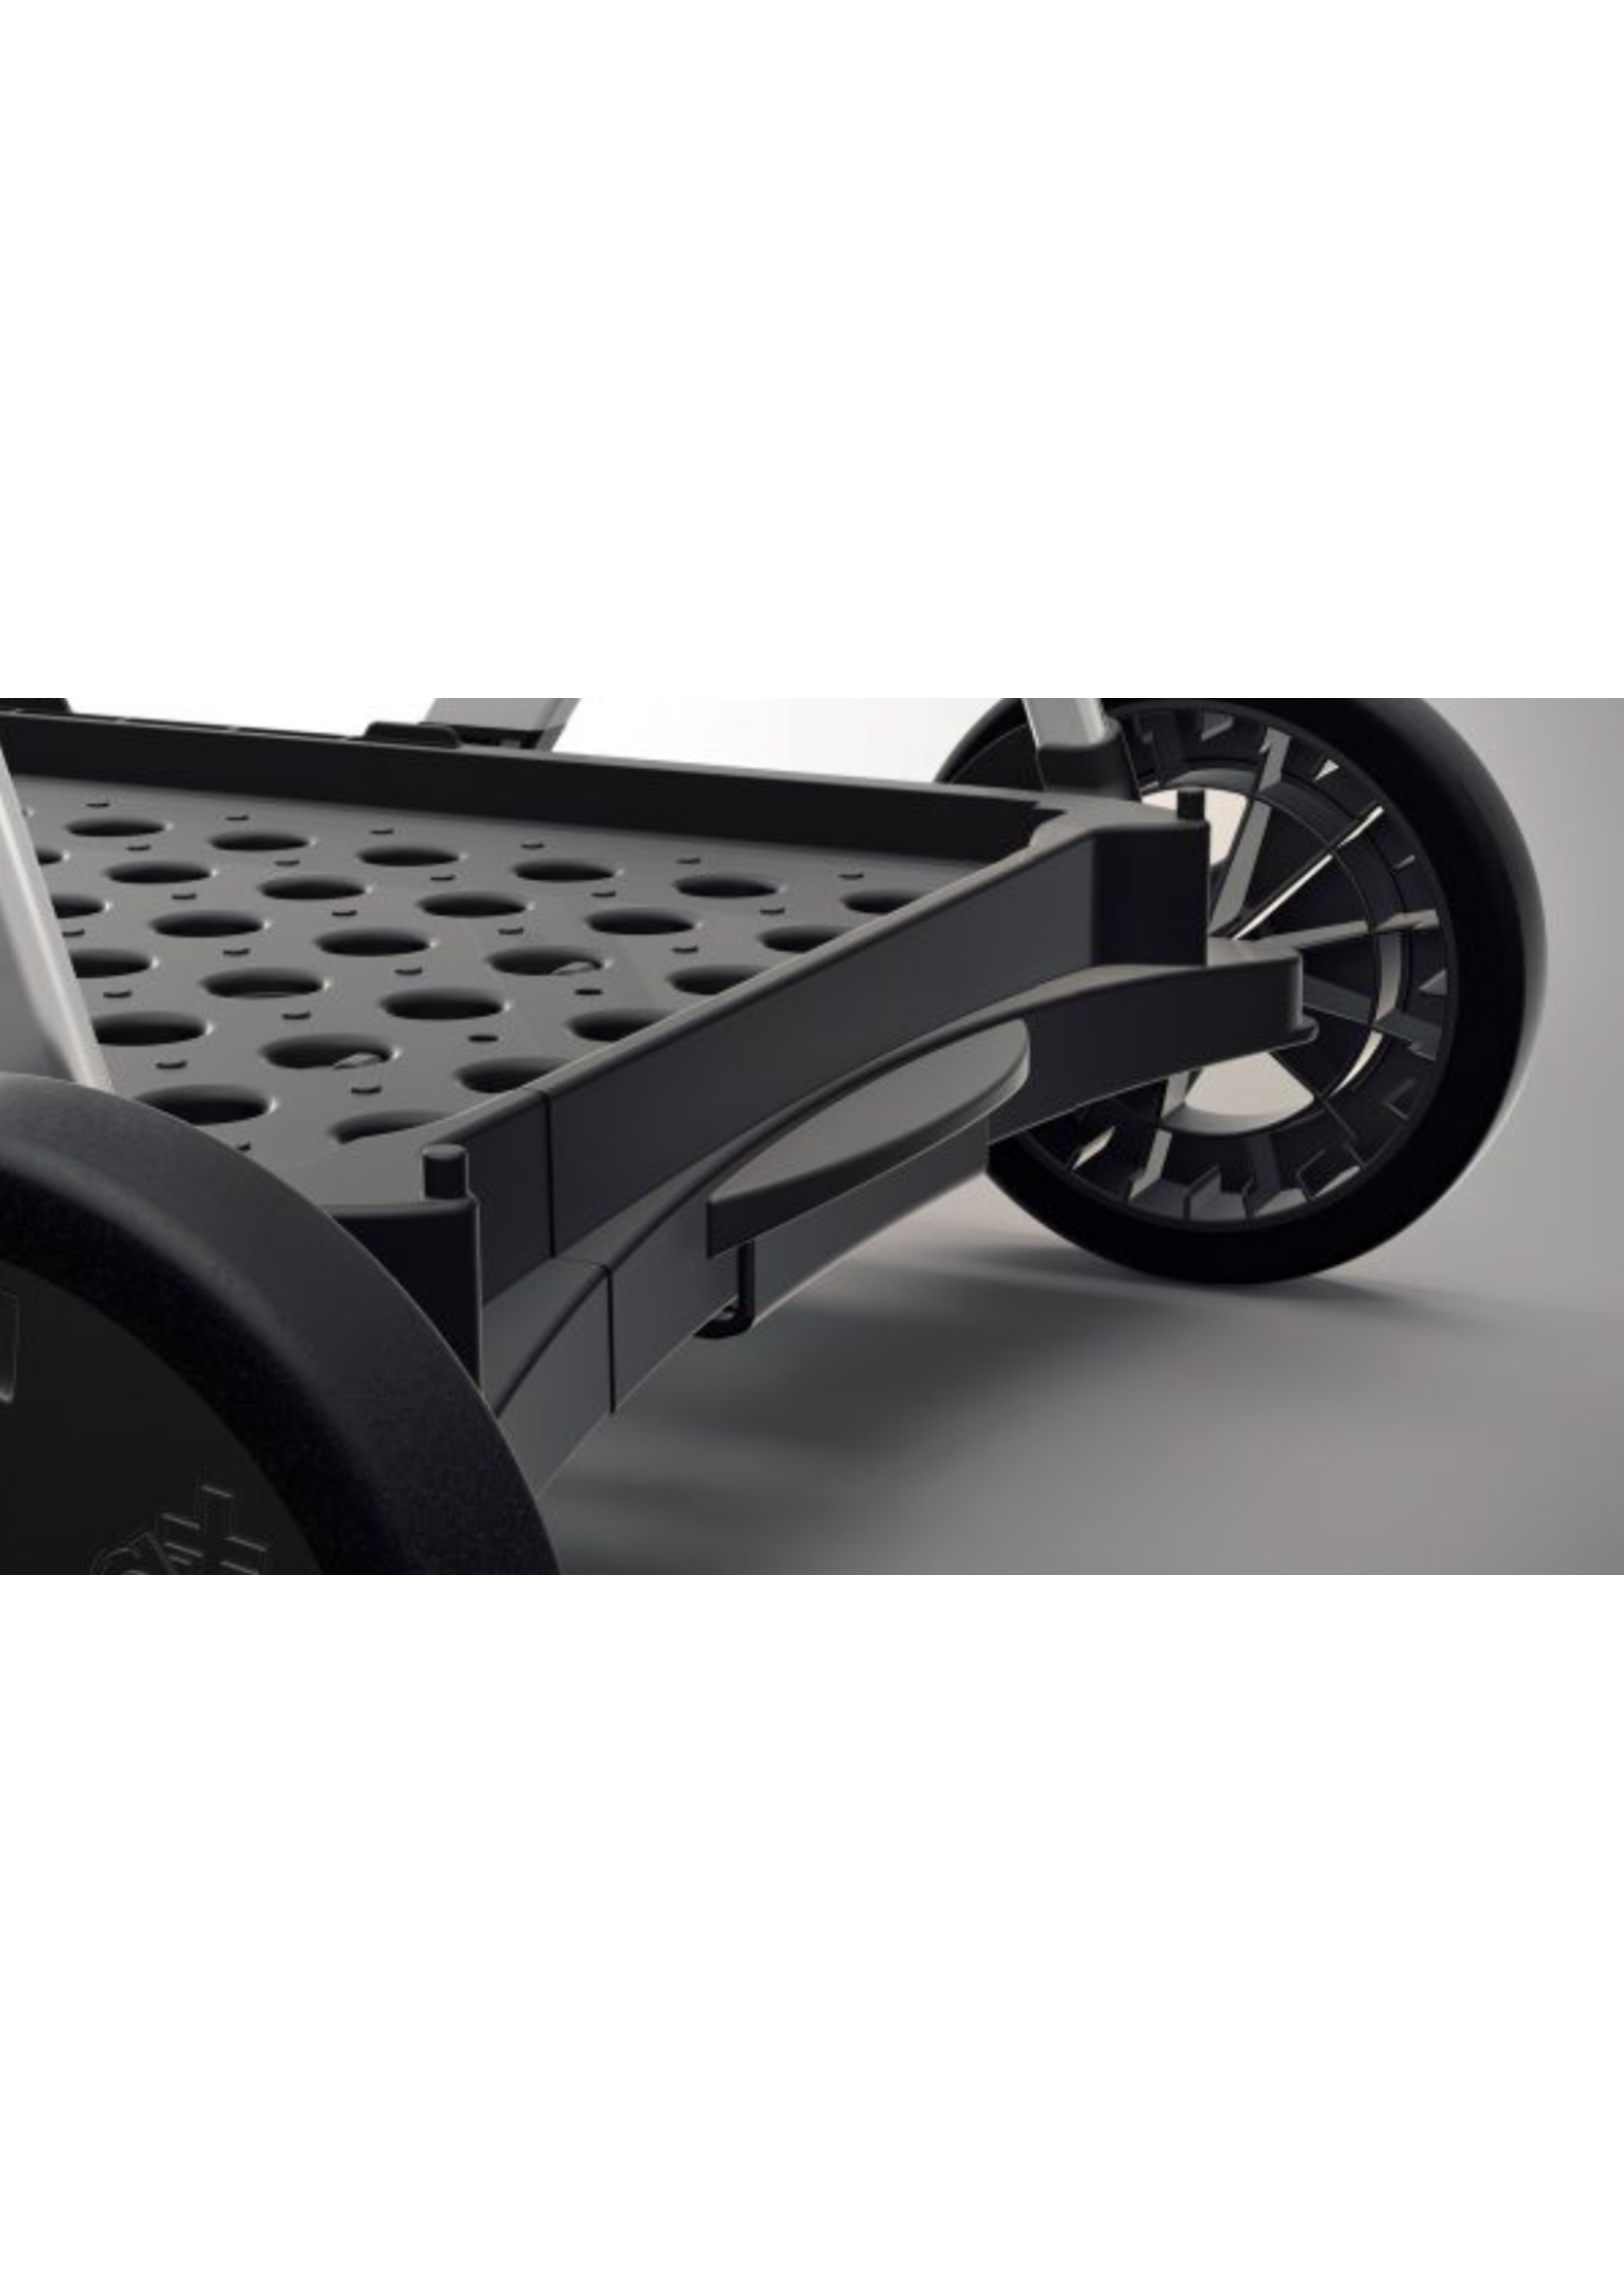 Clax Clax trolley inclusief vouwkrat - Zwart